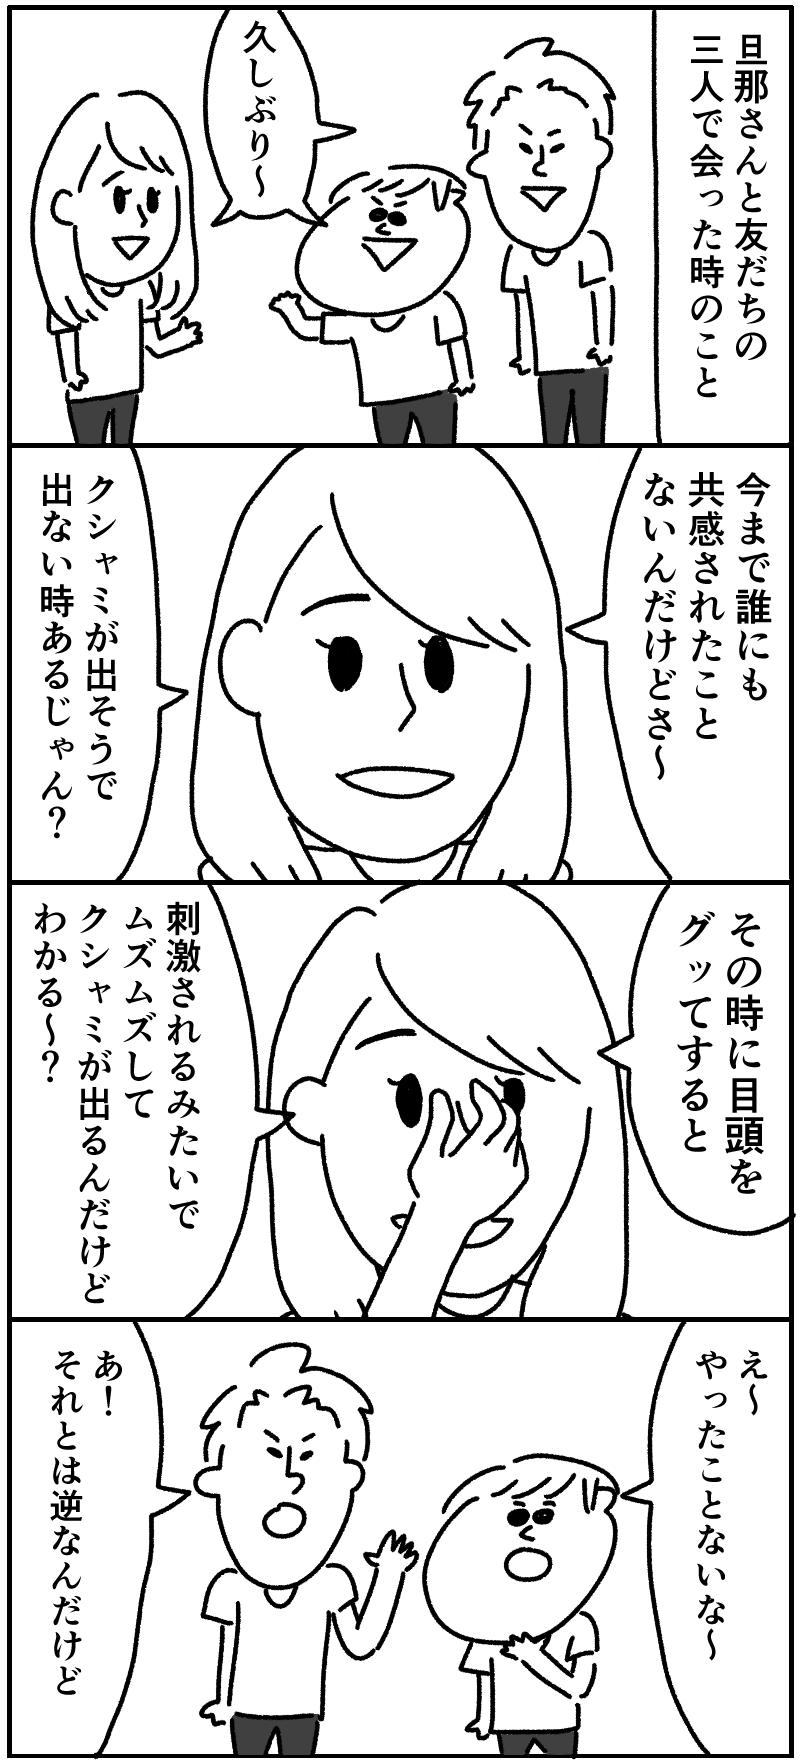 くしゃみの話_f0346353_15074813.png